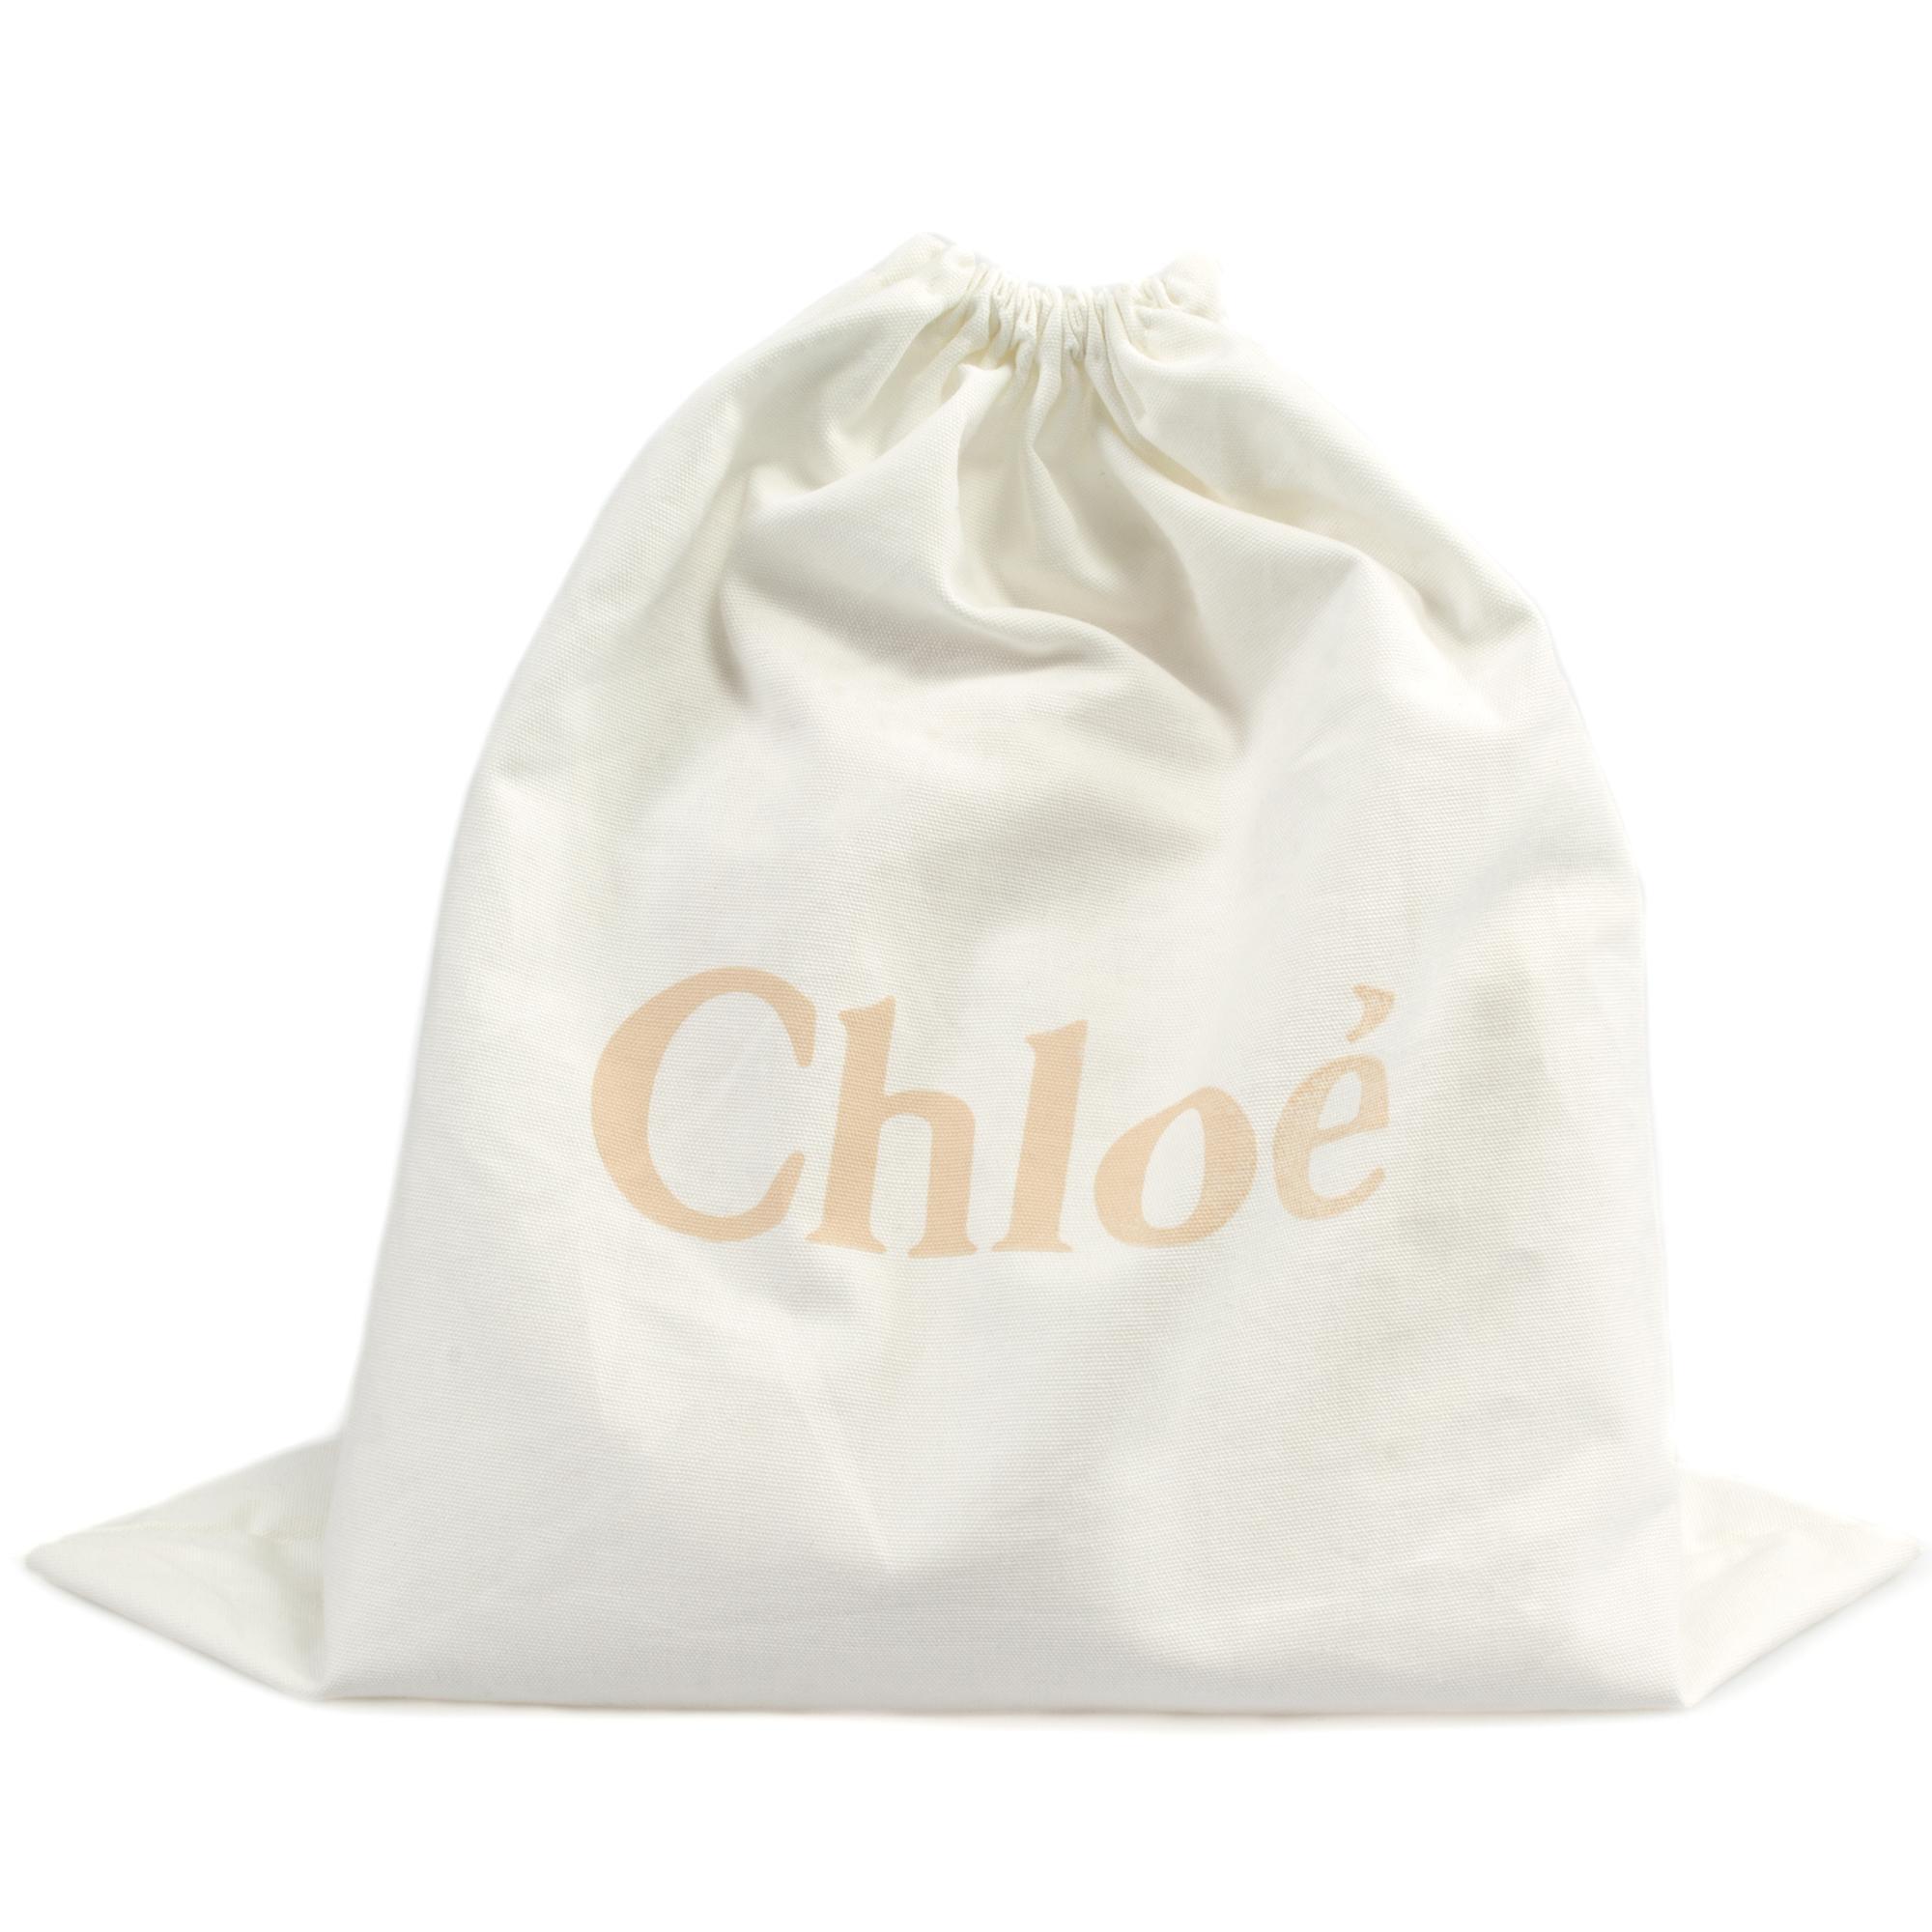 Chloe Drew Bag | Blå med gull Hardware | Liten